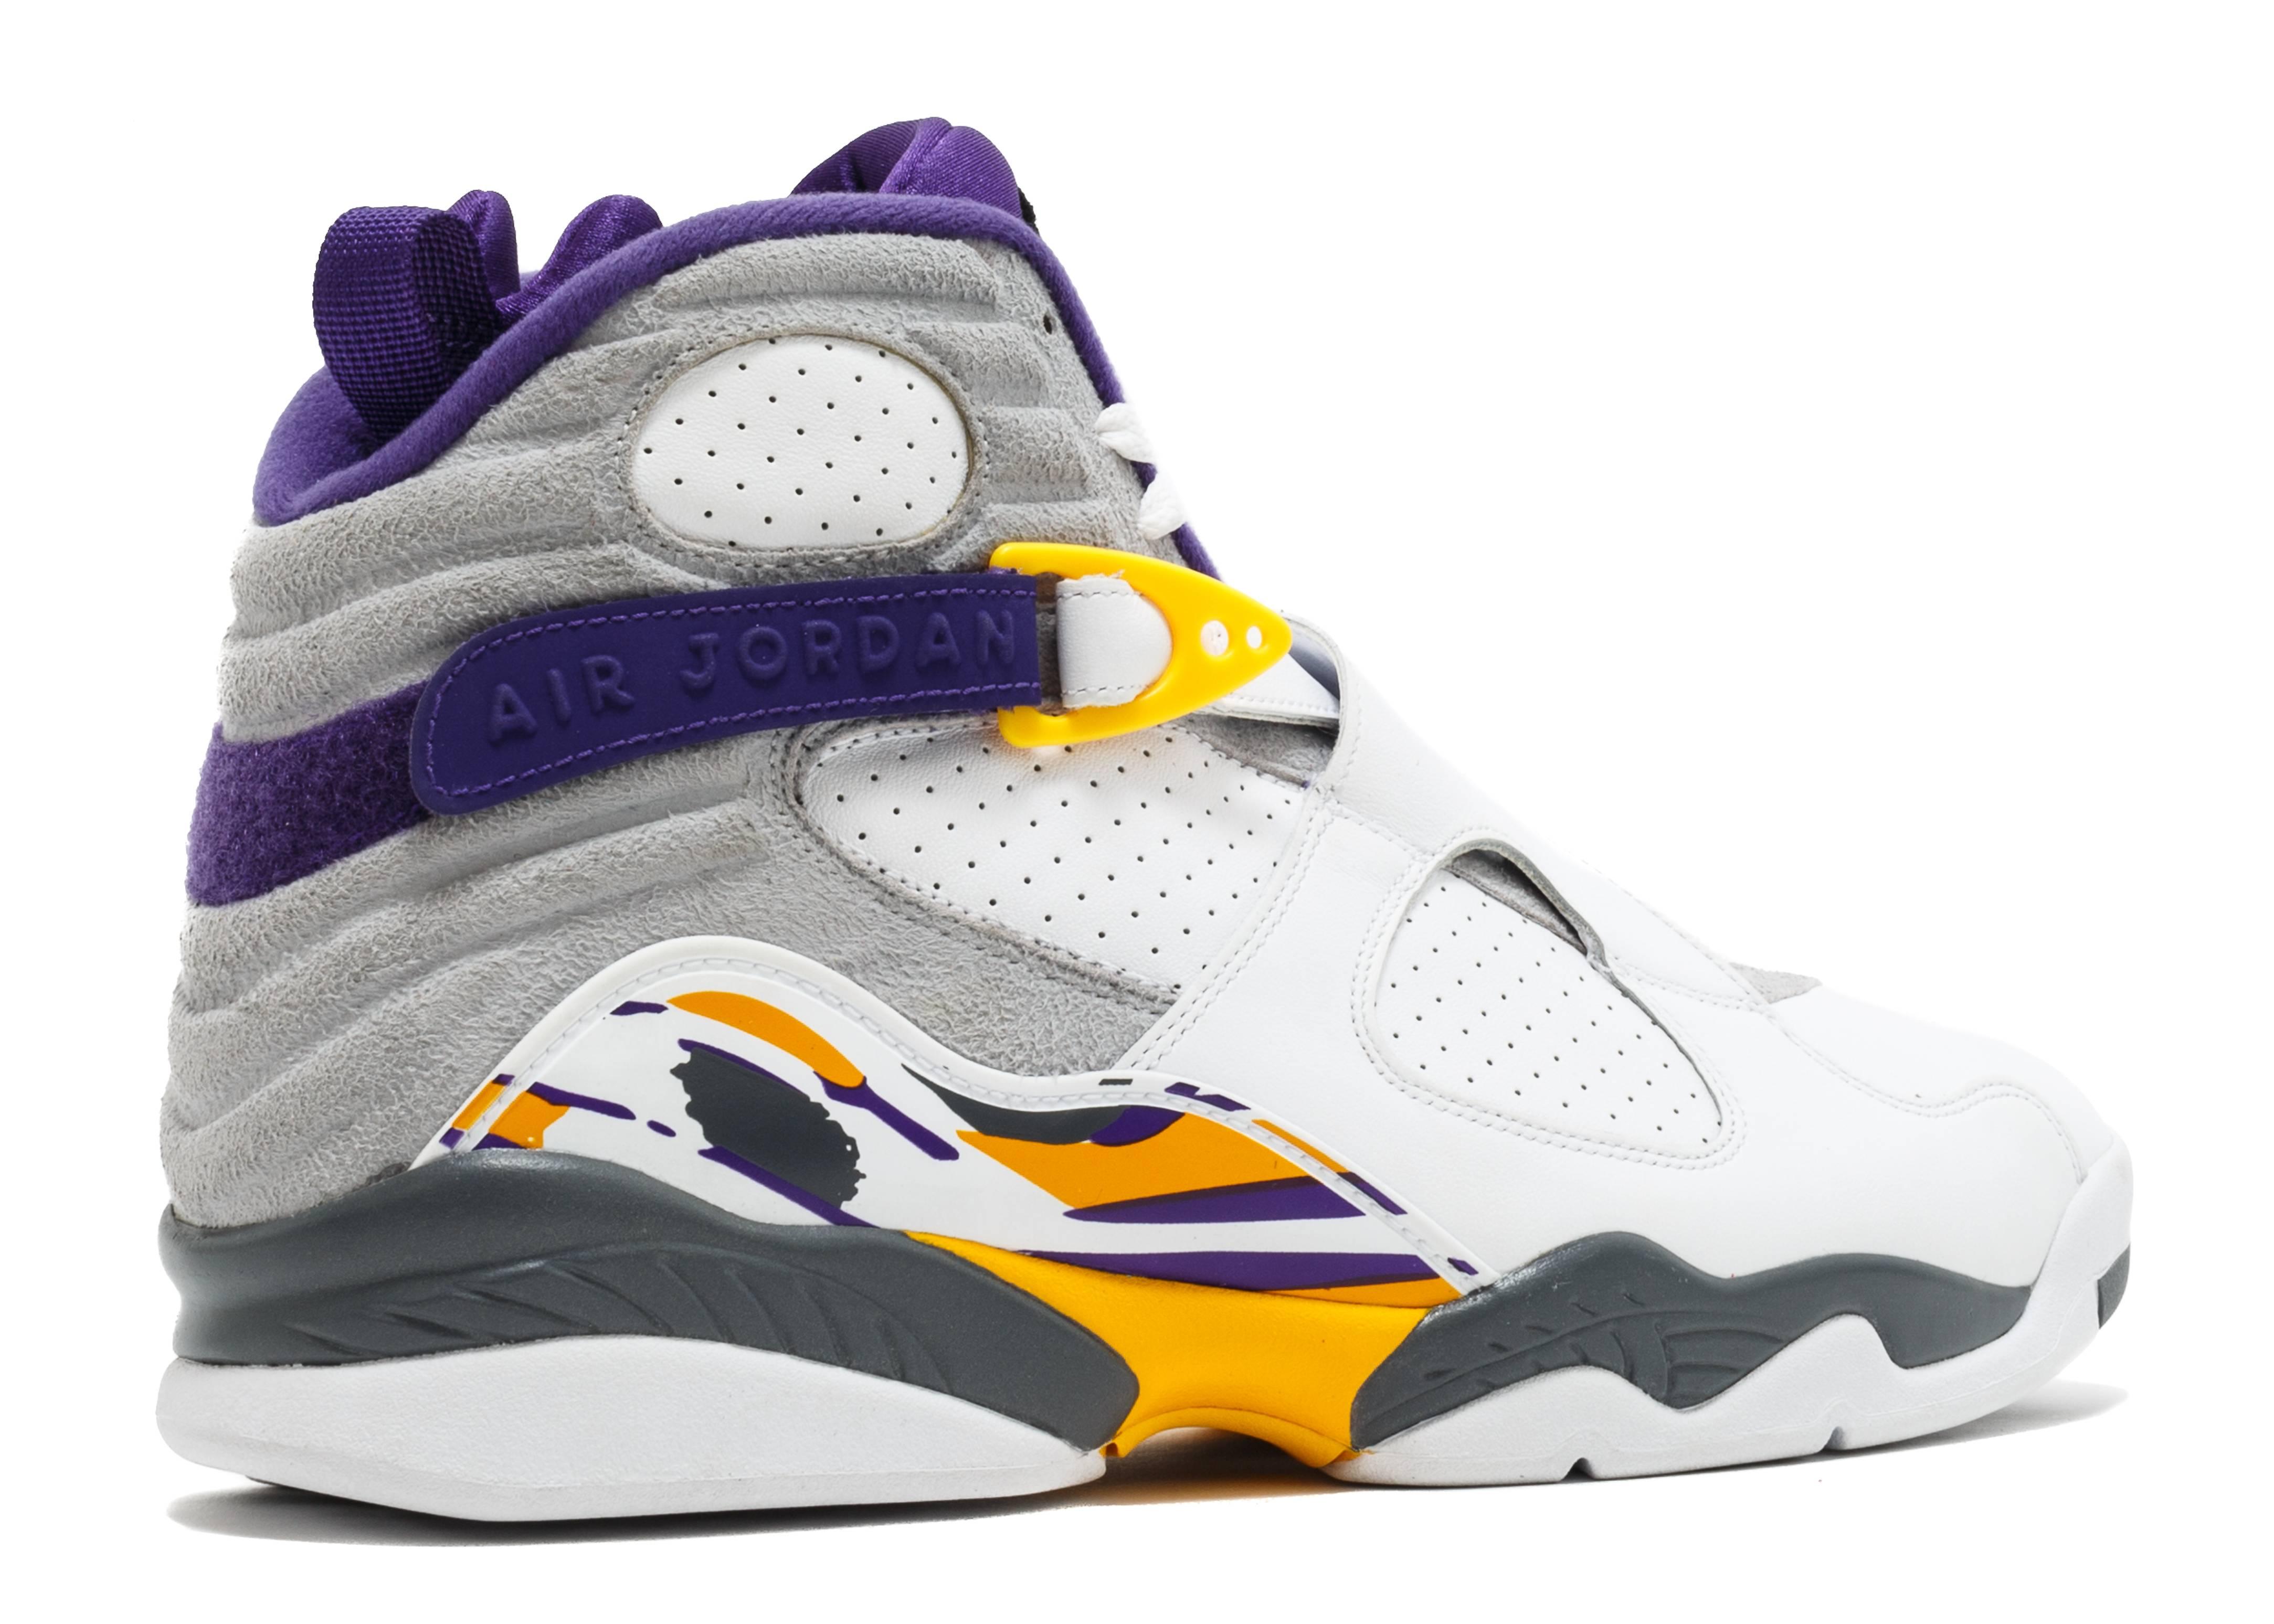 8fea9459349 Air Jordan 8 Kobe Pack Pe